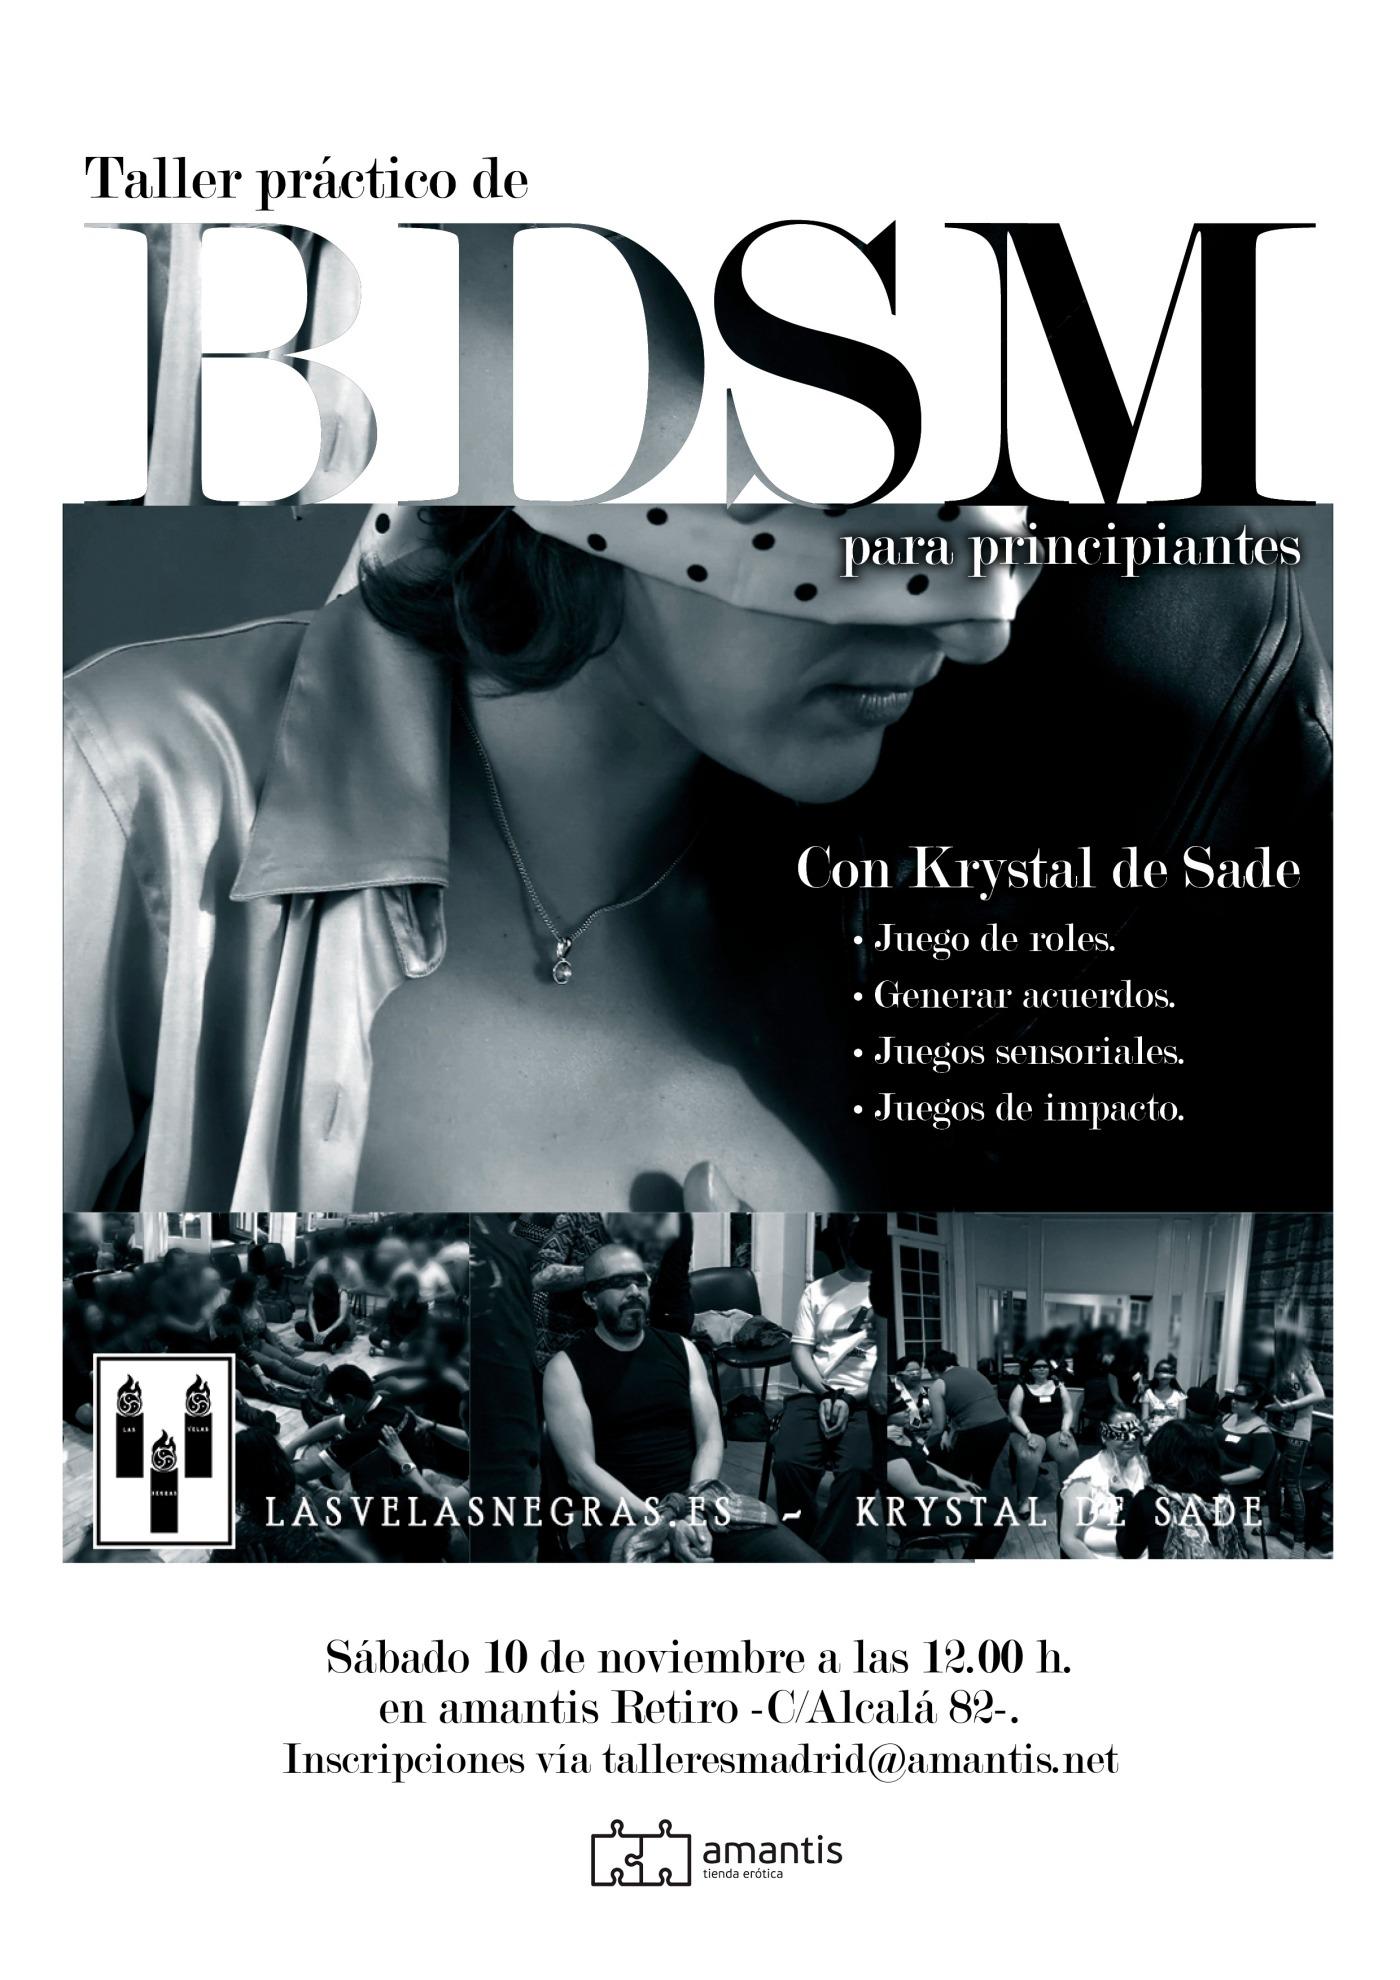 taller de BDSM